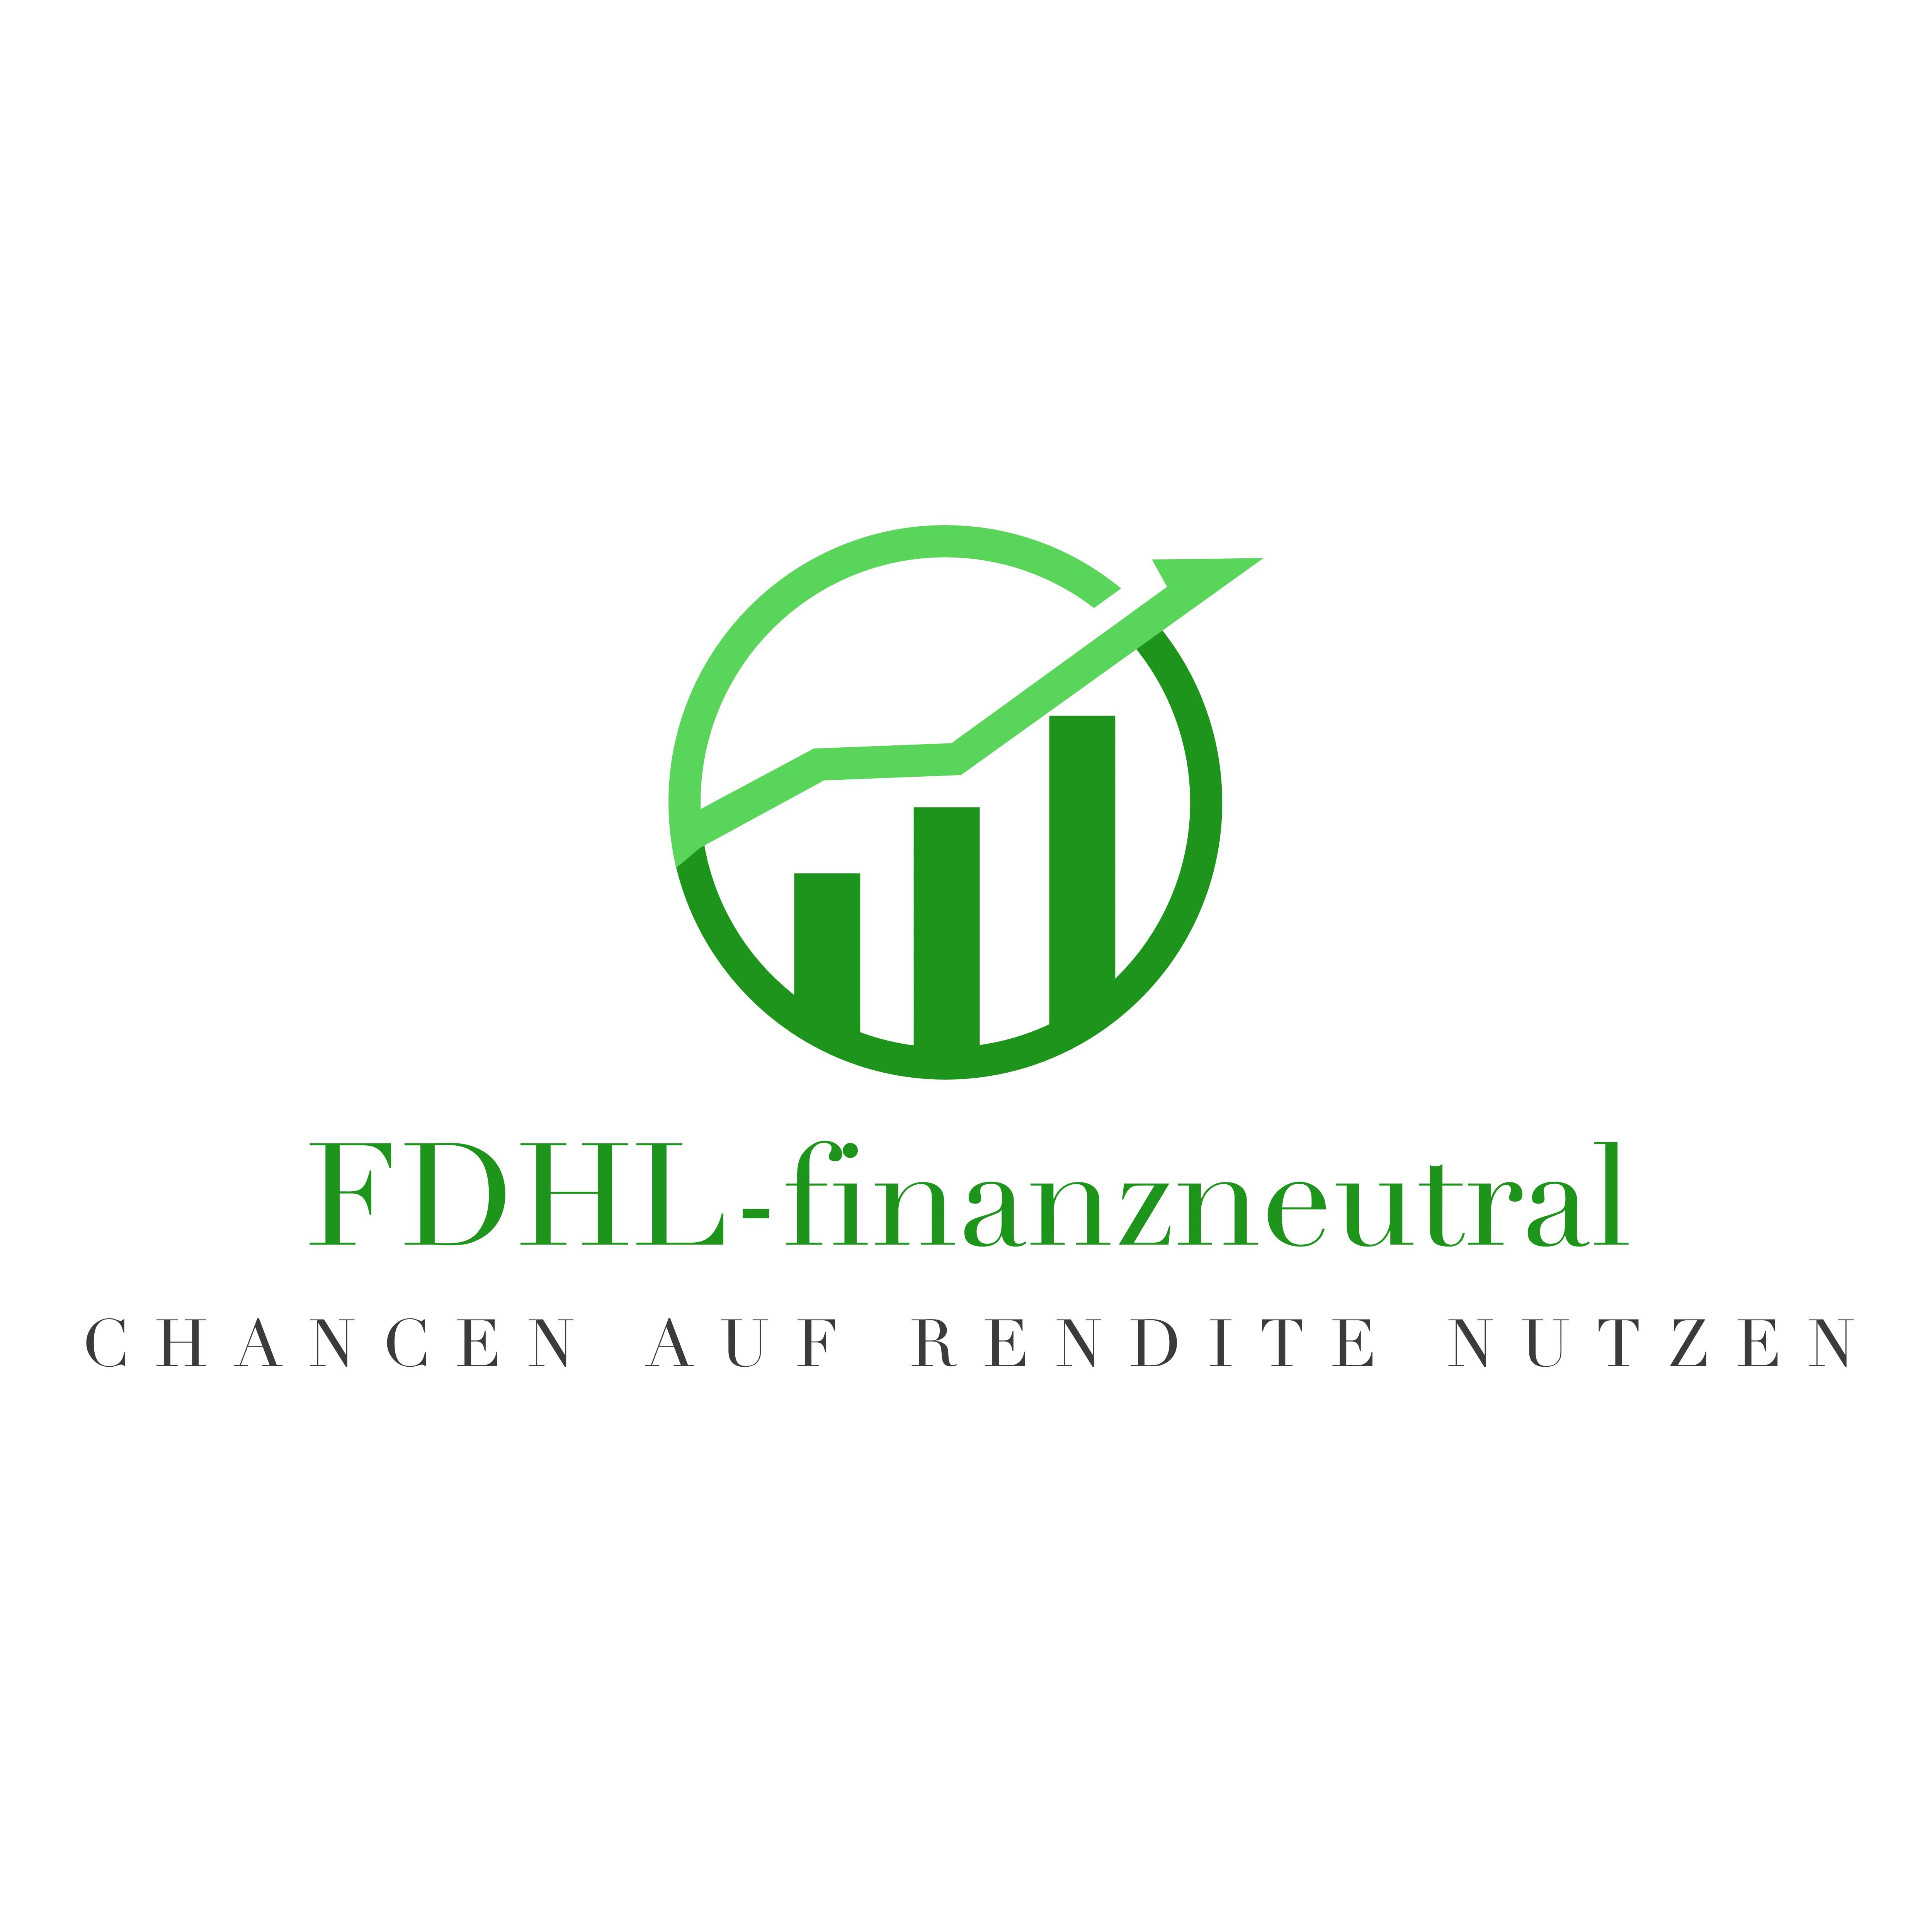 fdhl-finanzneutral.de-Logo